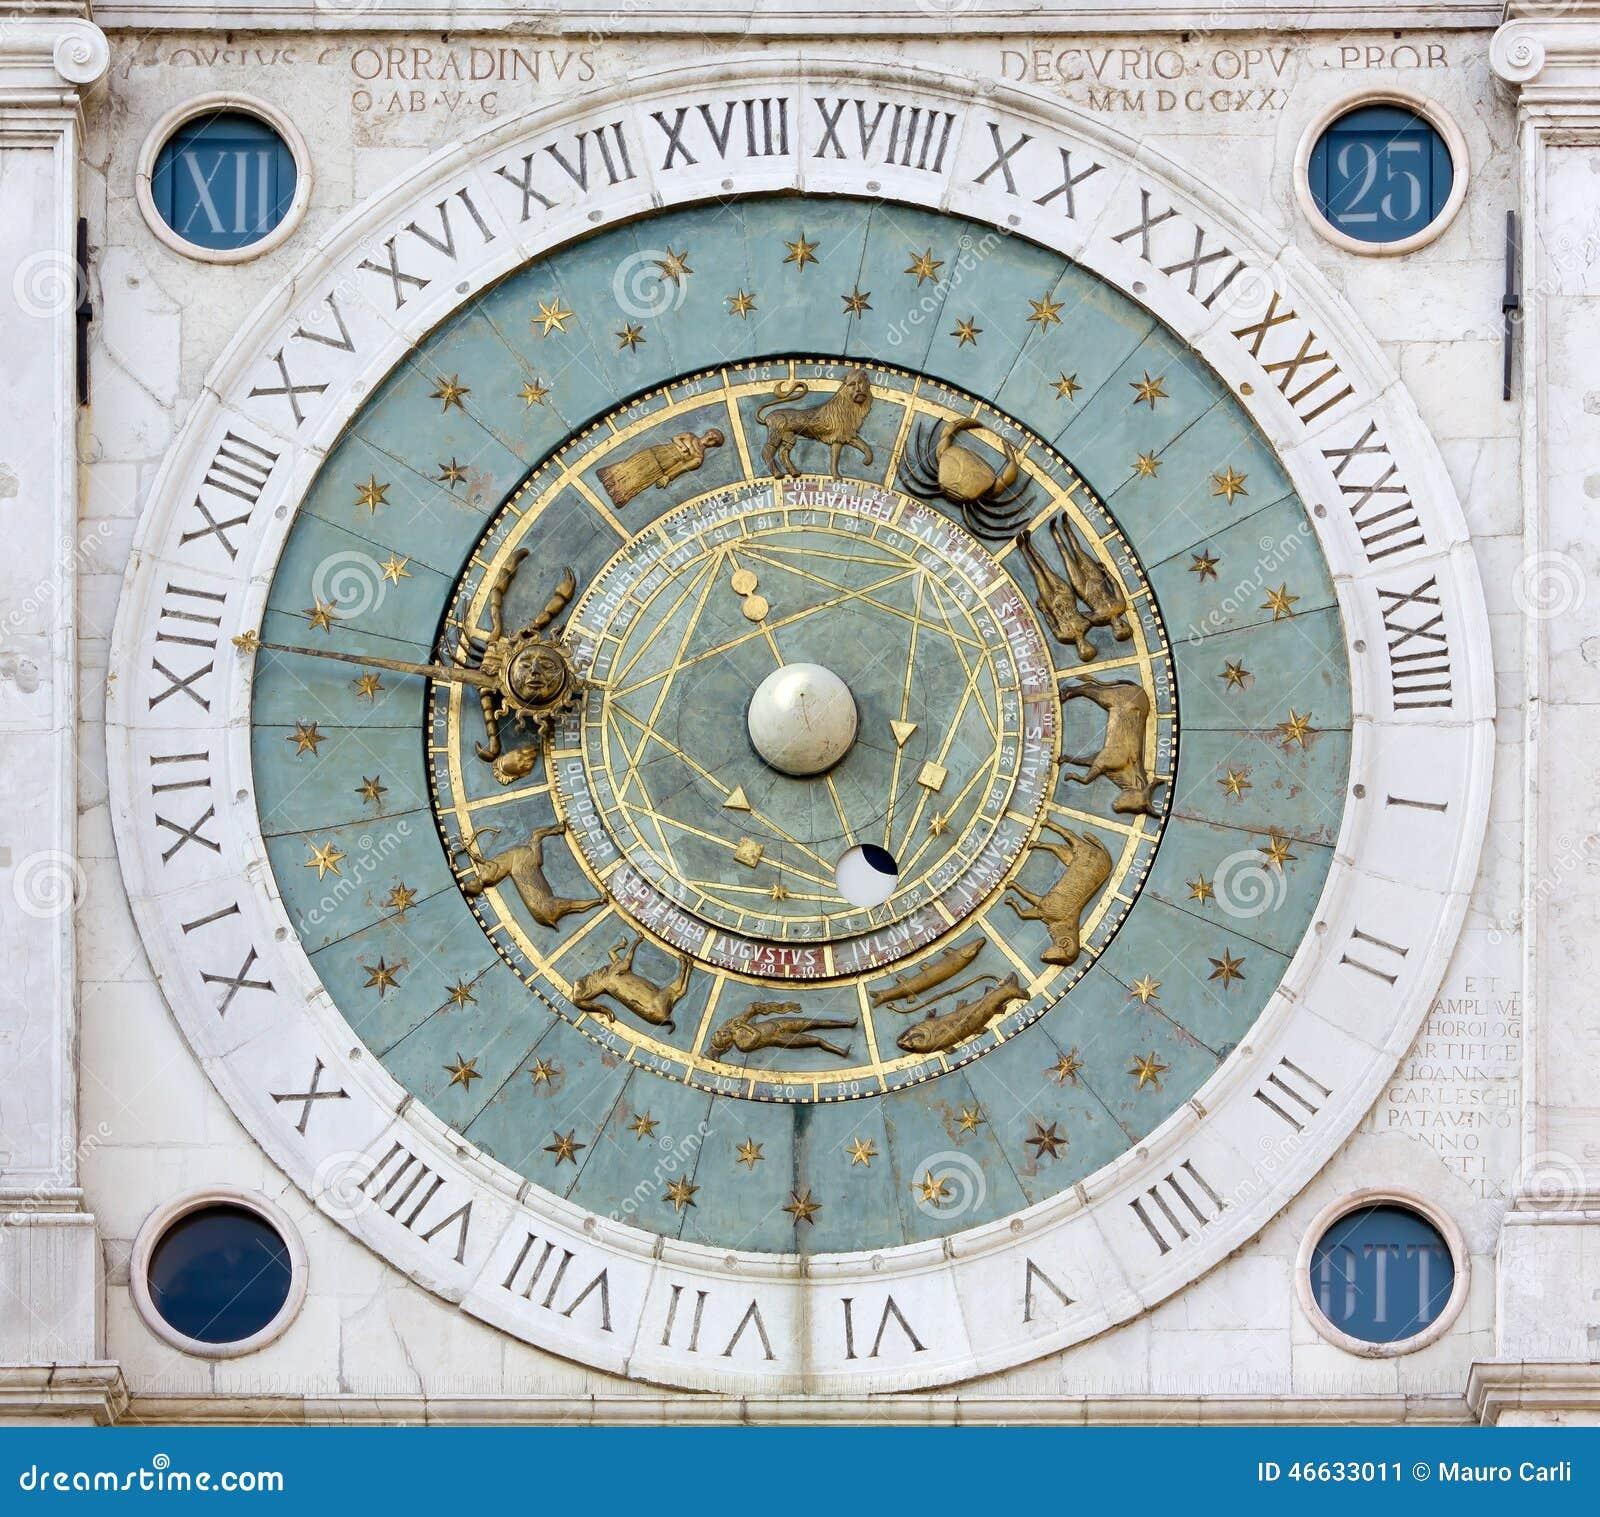 Astronomical Clock in the Piazza dei Signori in Padua